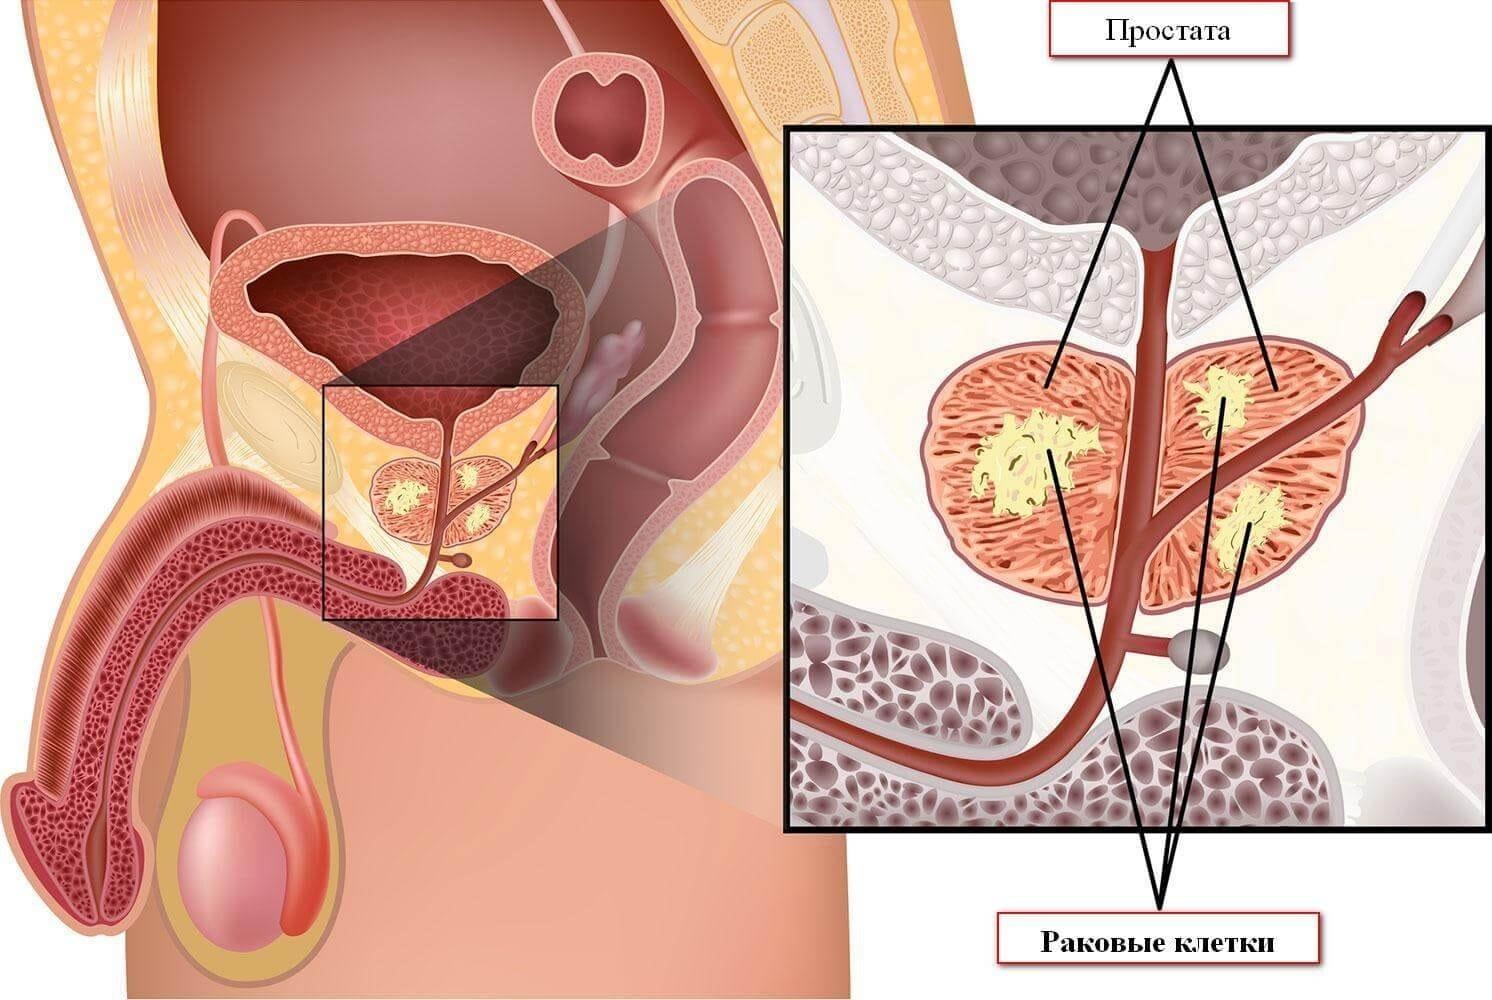 рак предстательной железы в европе